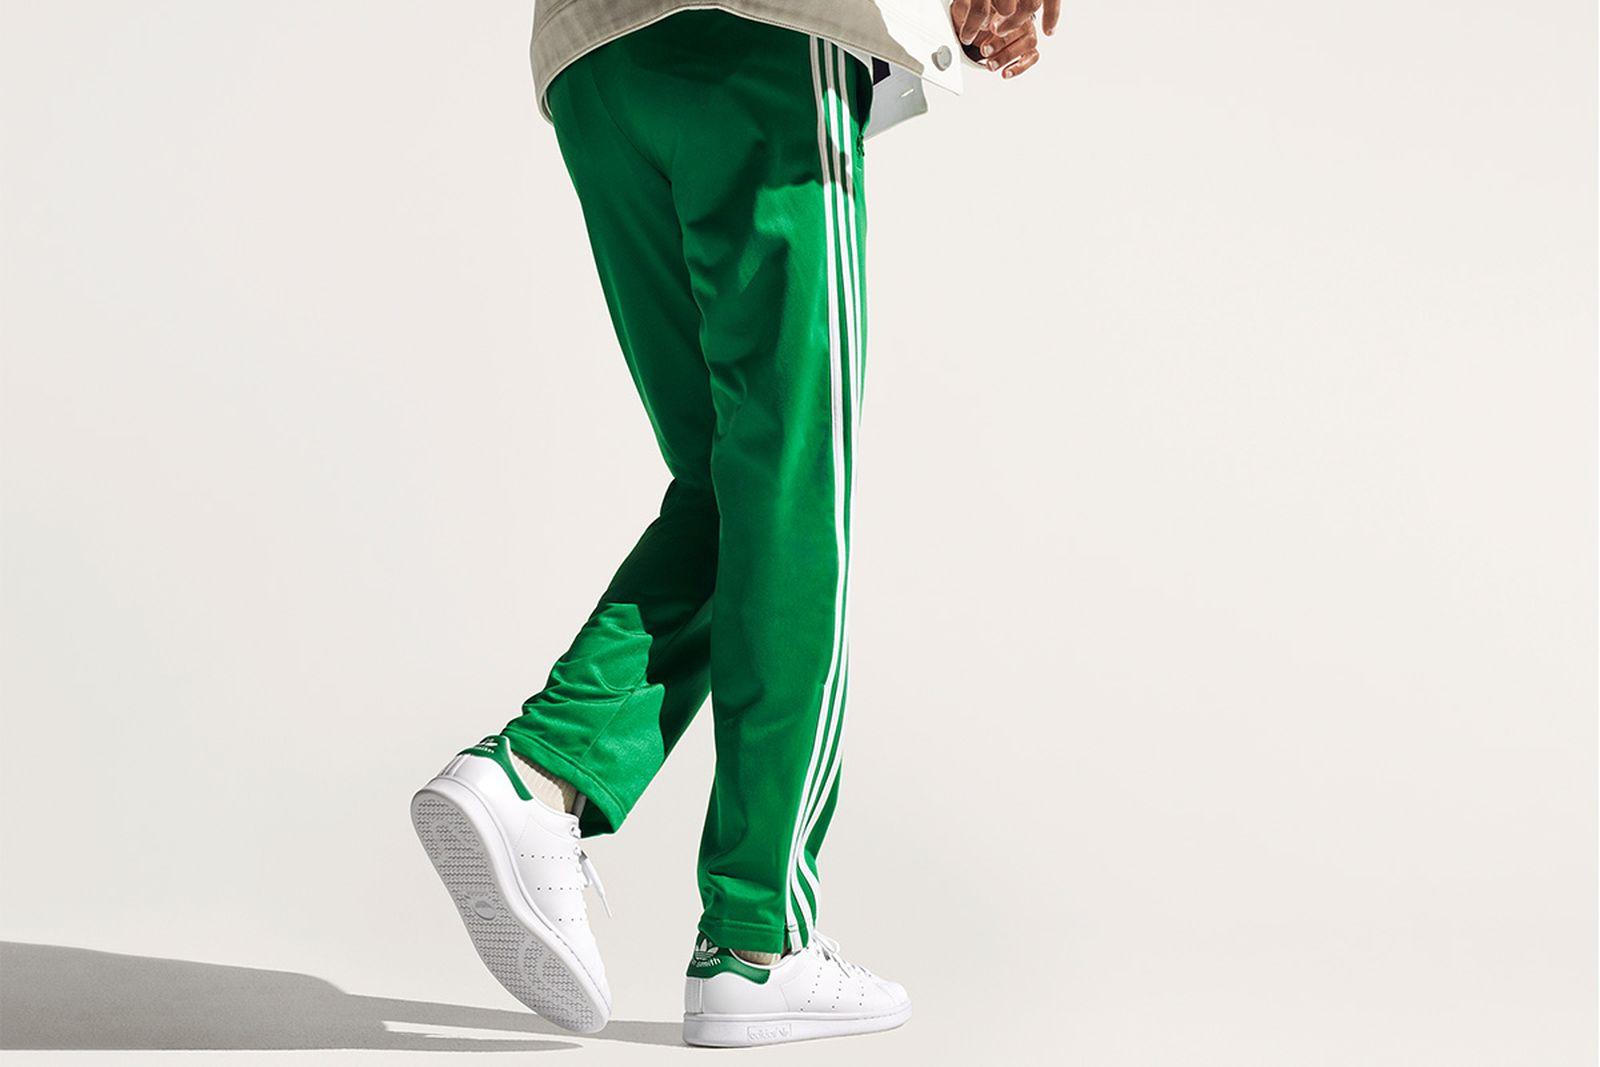 adidas-stan-smith-primegreen-04